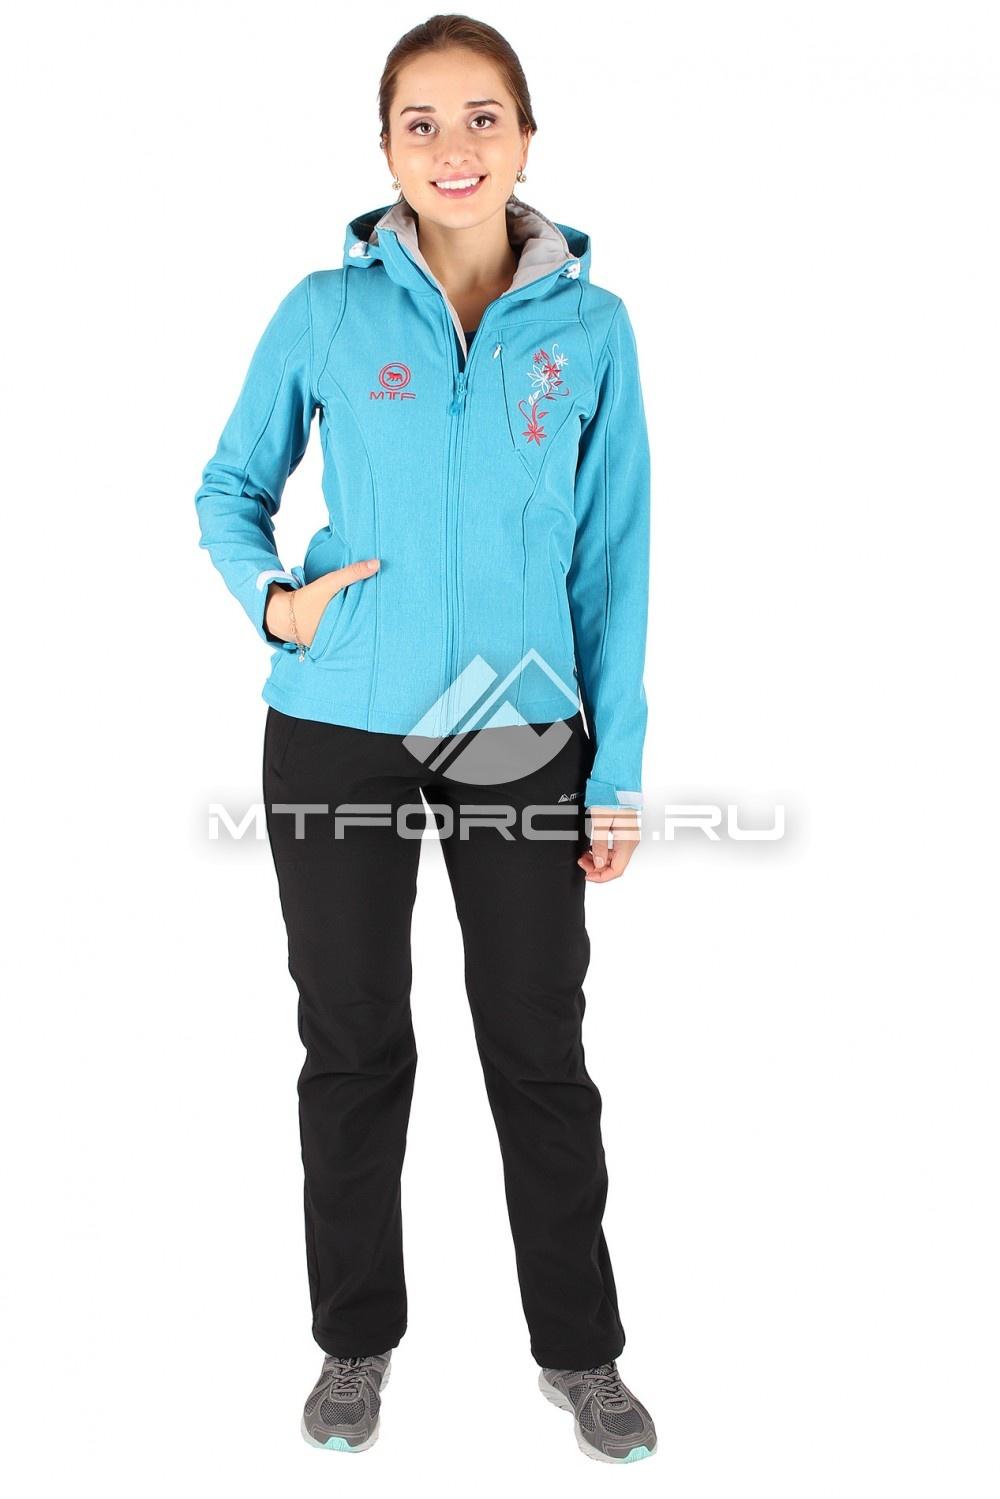 Купить                                  оптом Костюм виндстопер женский голубого цвета 01512Gl в Санкт-Петербурге